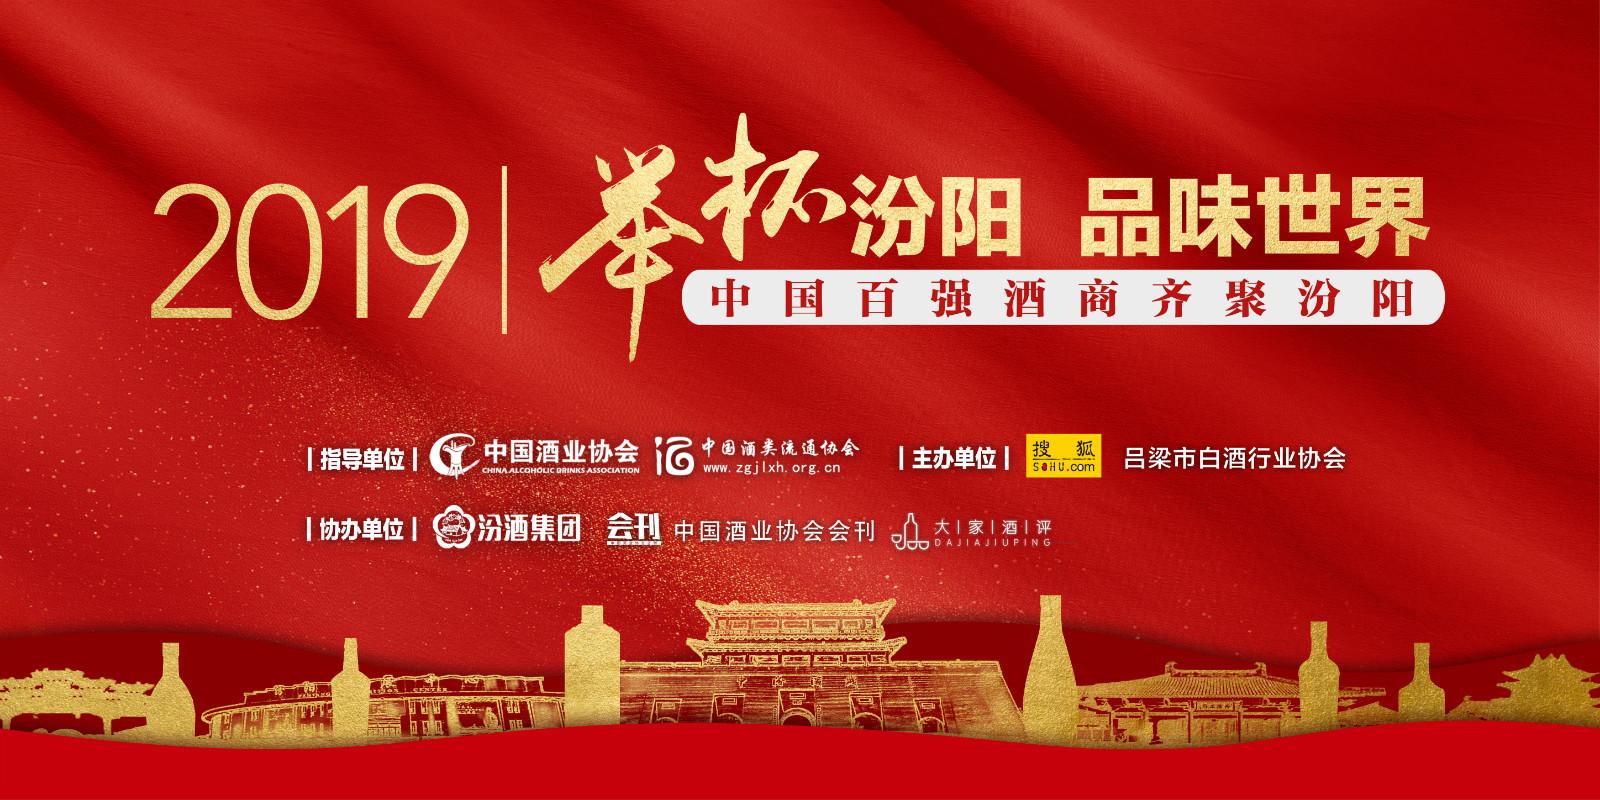 搜狐酒业主编李文贤:聚焦最新趋势,用优质的内容服务行业